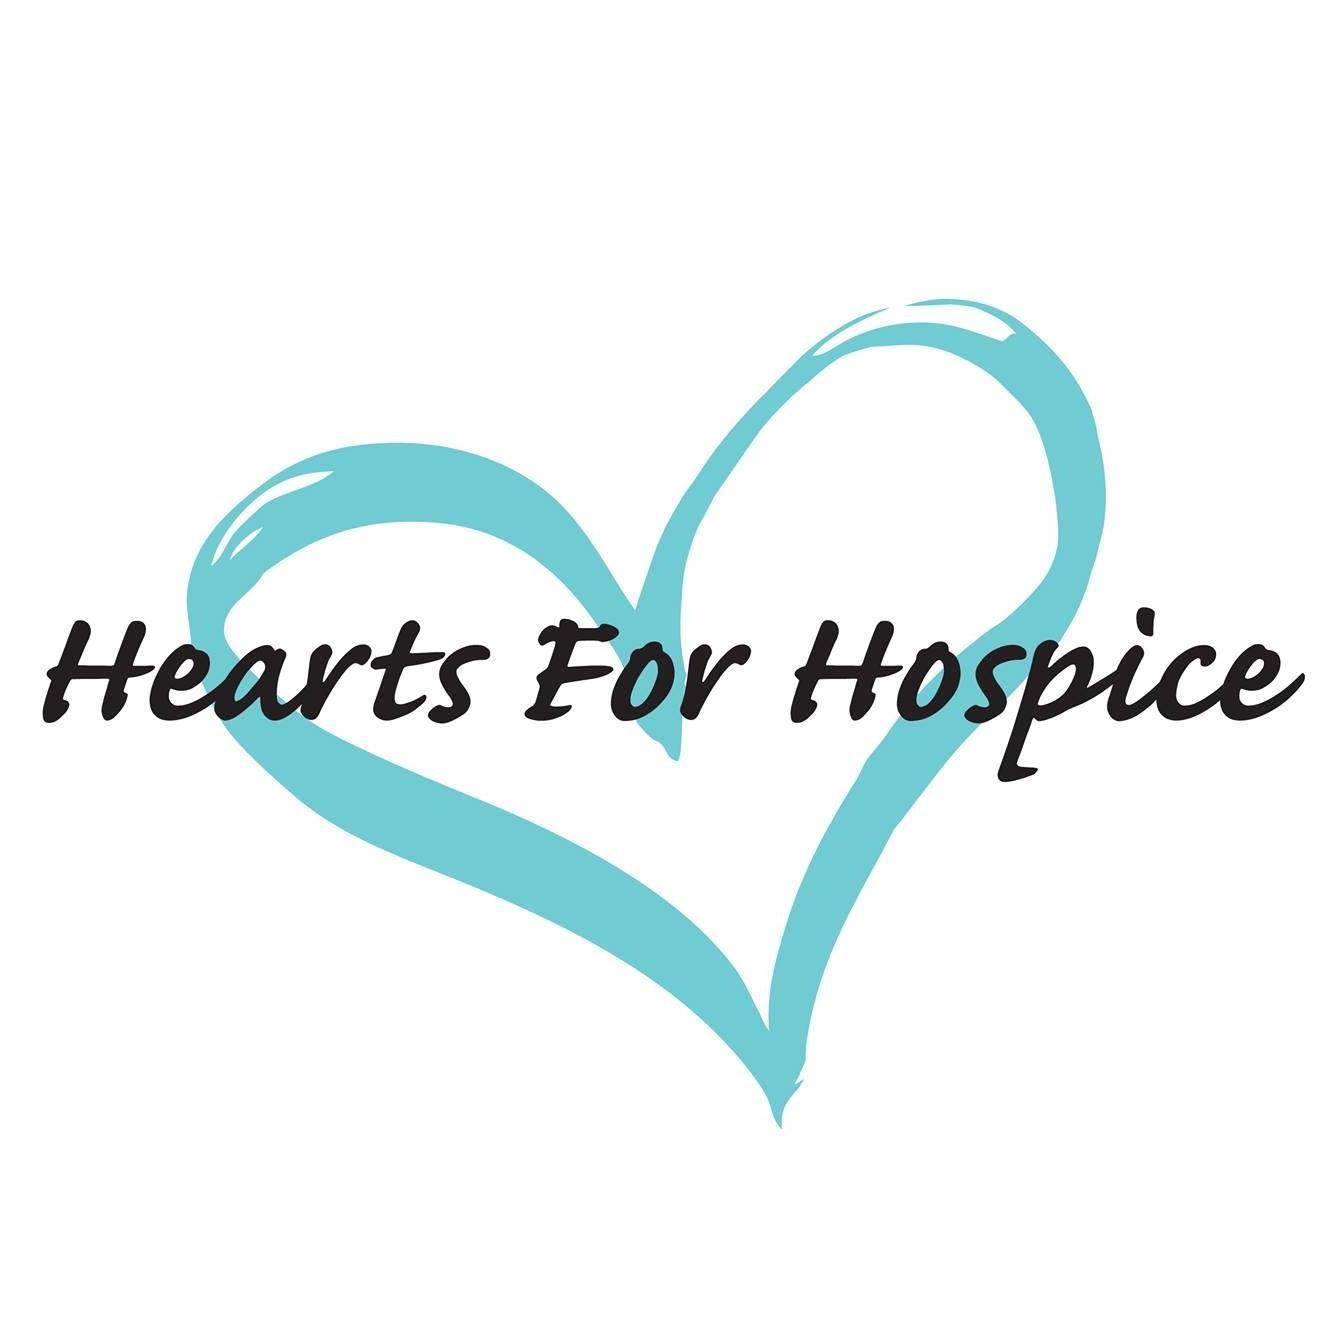 Hearts for Hospice logo